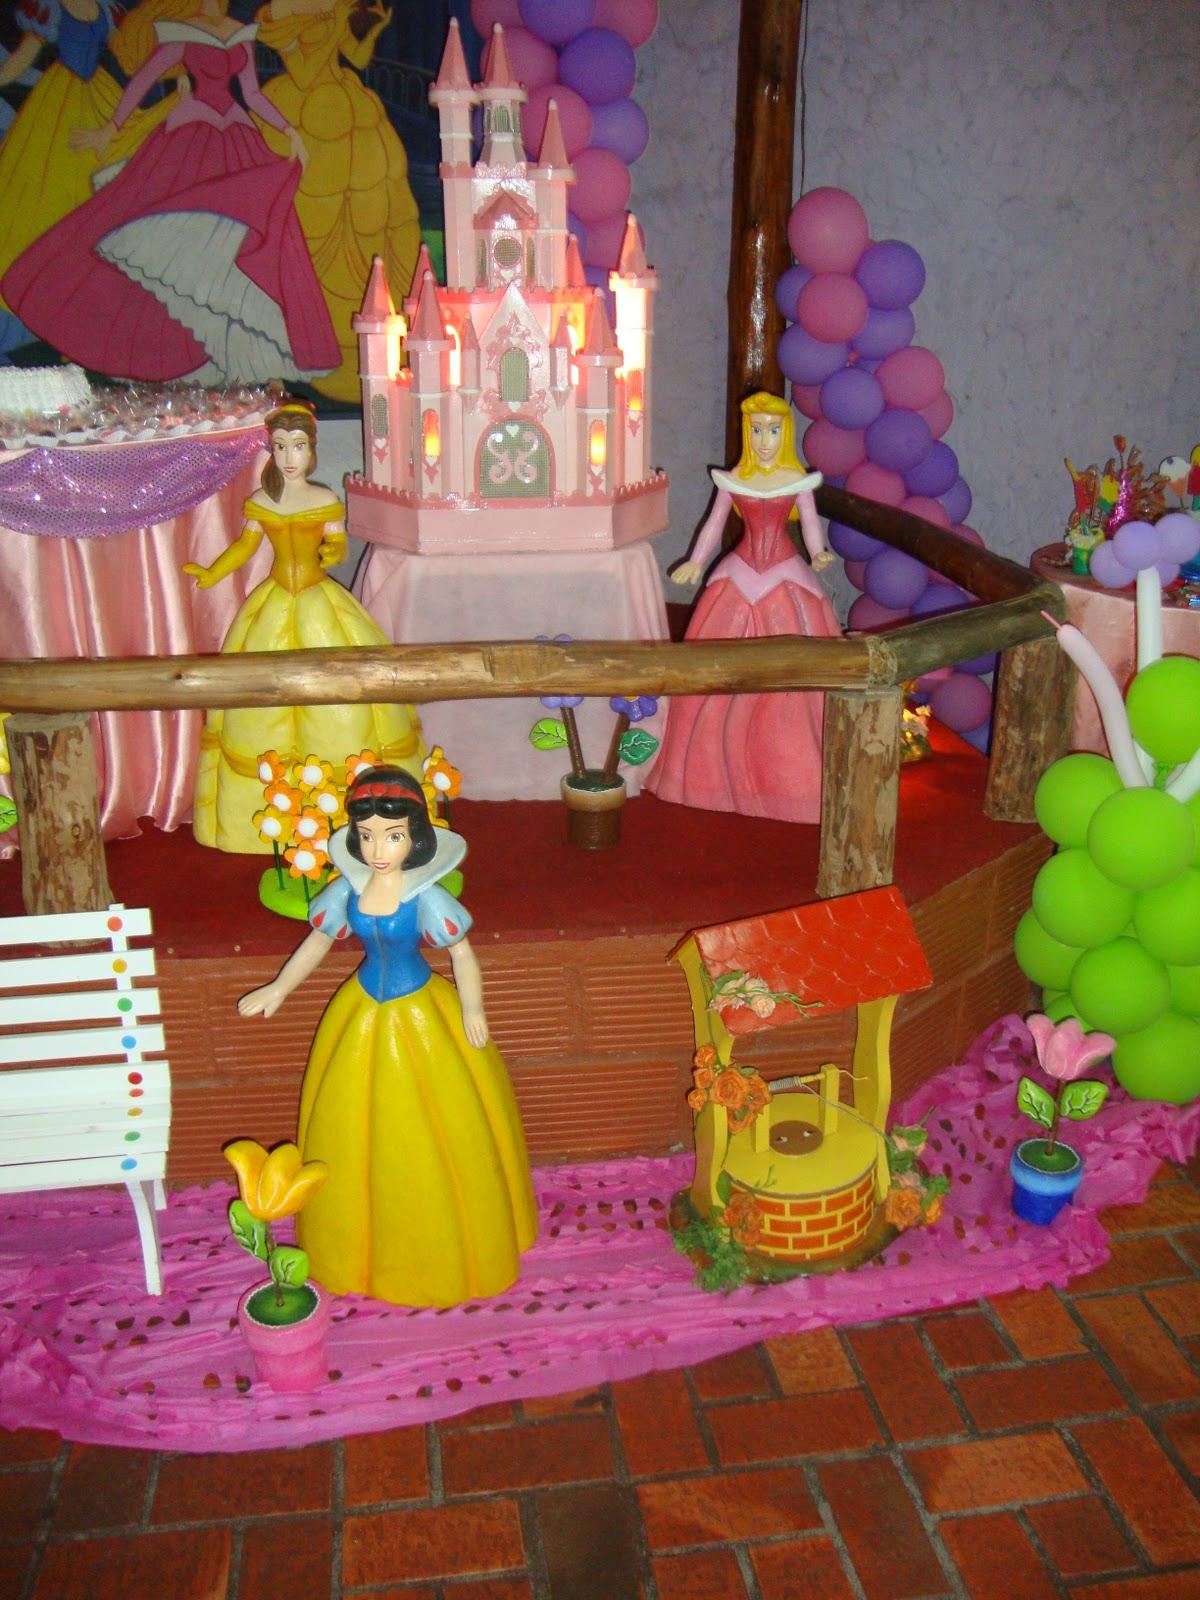 http://3.bp.blogspot.com/_XLIuhncTfGk/TMgA3yotZ_I/AAAAAAAAAAU/qdjJRB03Veg/s1600/Niver+04+Anos+-+Princesas+005.jpg